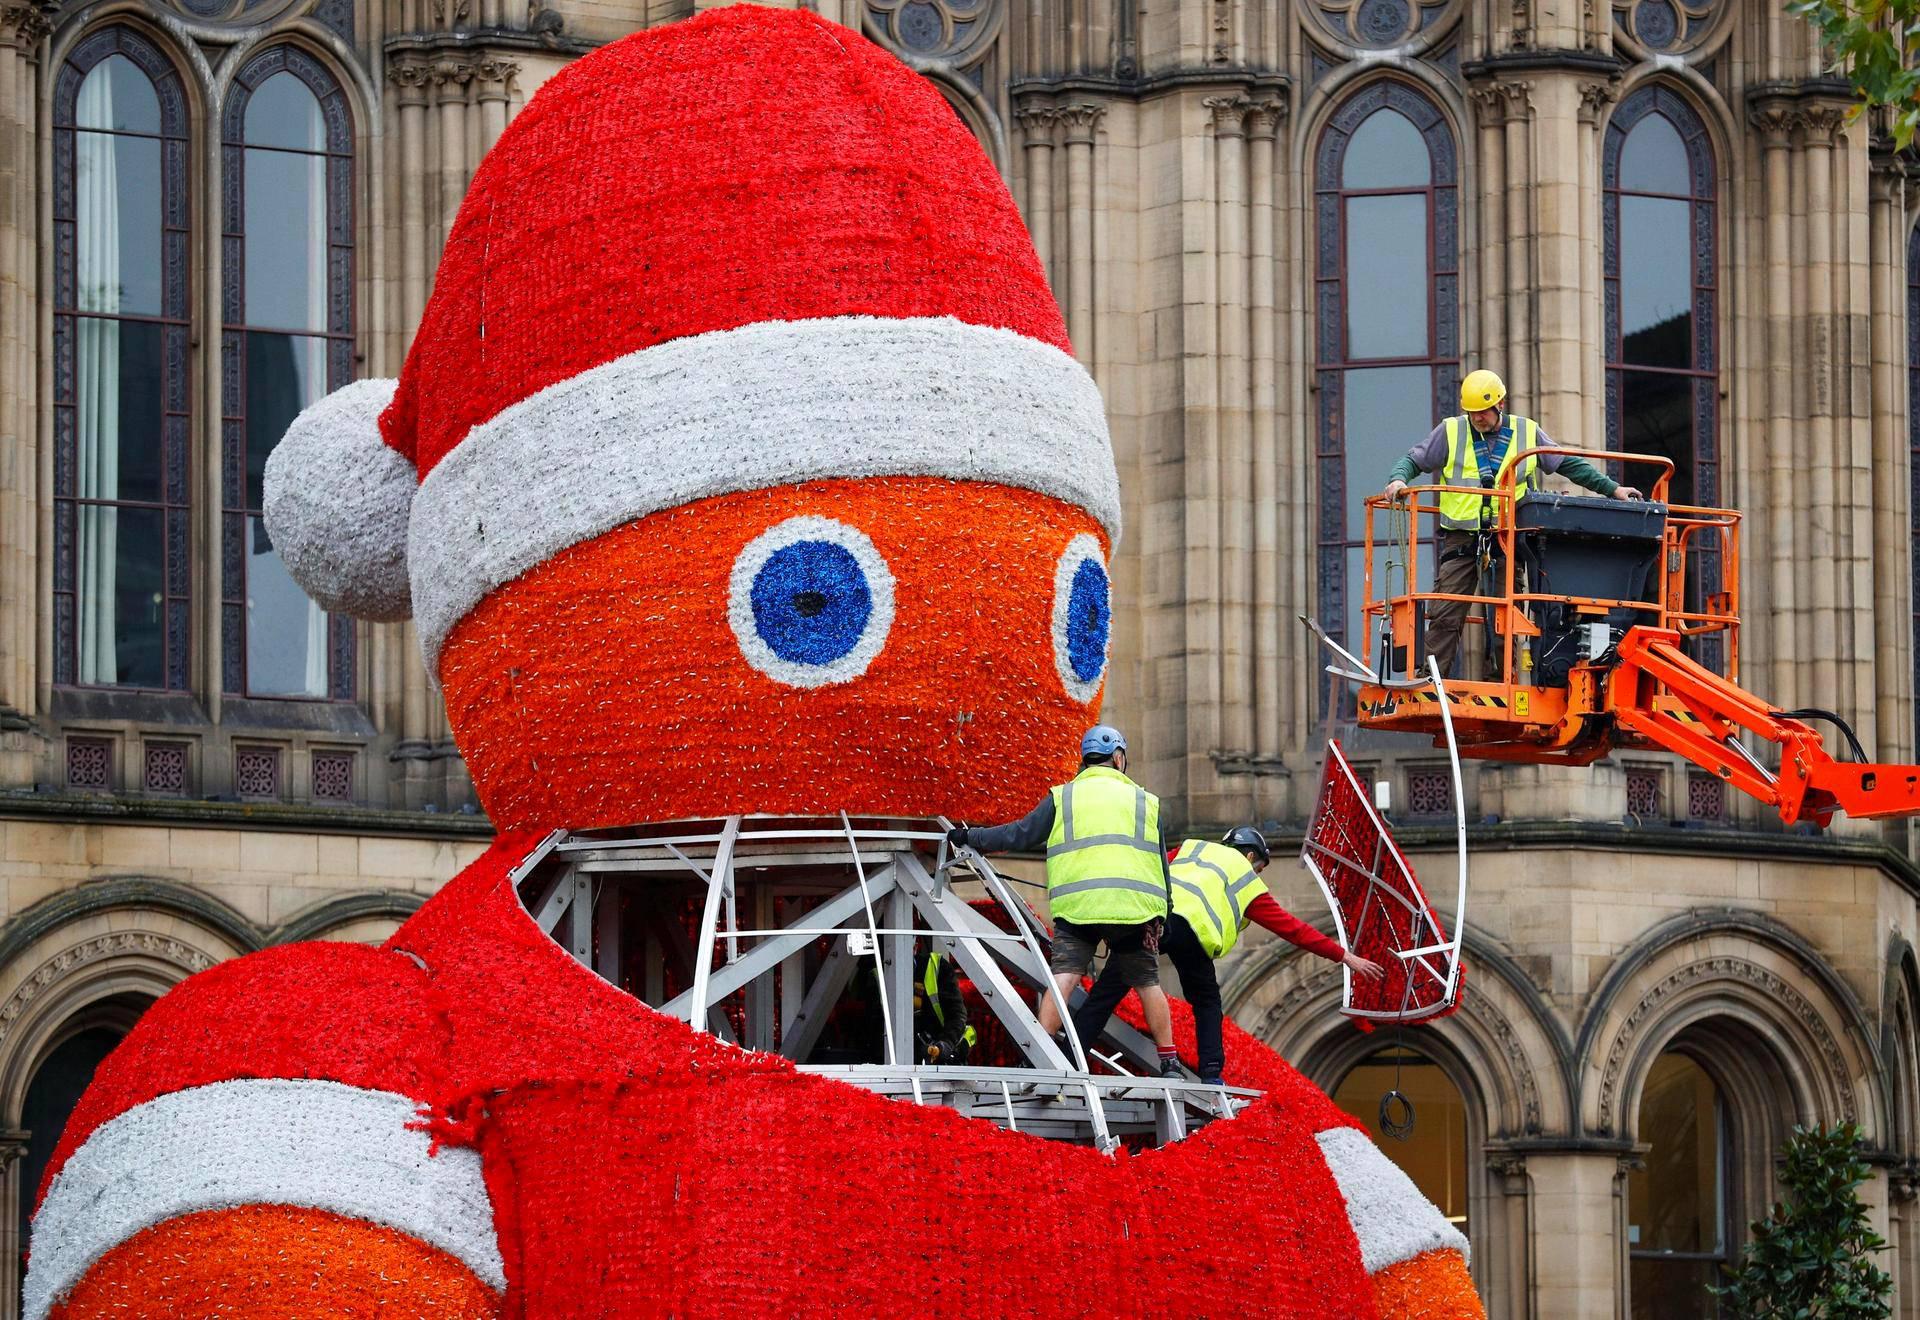 Ison-Britannian Manchesterissa rakennettiin valtavaa joulupukkia lokakuun viimeisenä päivänä.